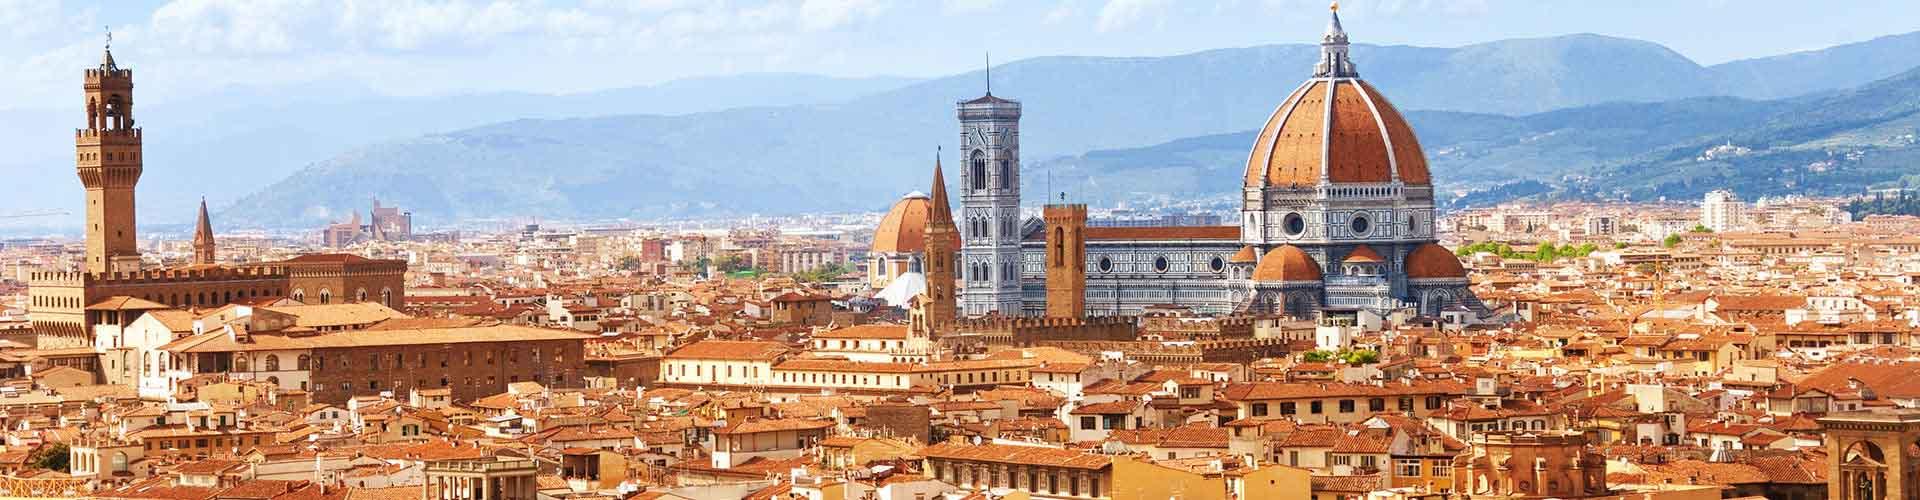 Firenze – Camere vicine a Aeroporto di Firenze Peretola. Mappe per Firenze, Foto e  Recensioni per ogni camera a Firenze.